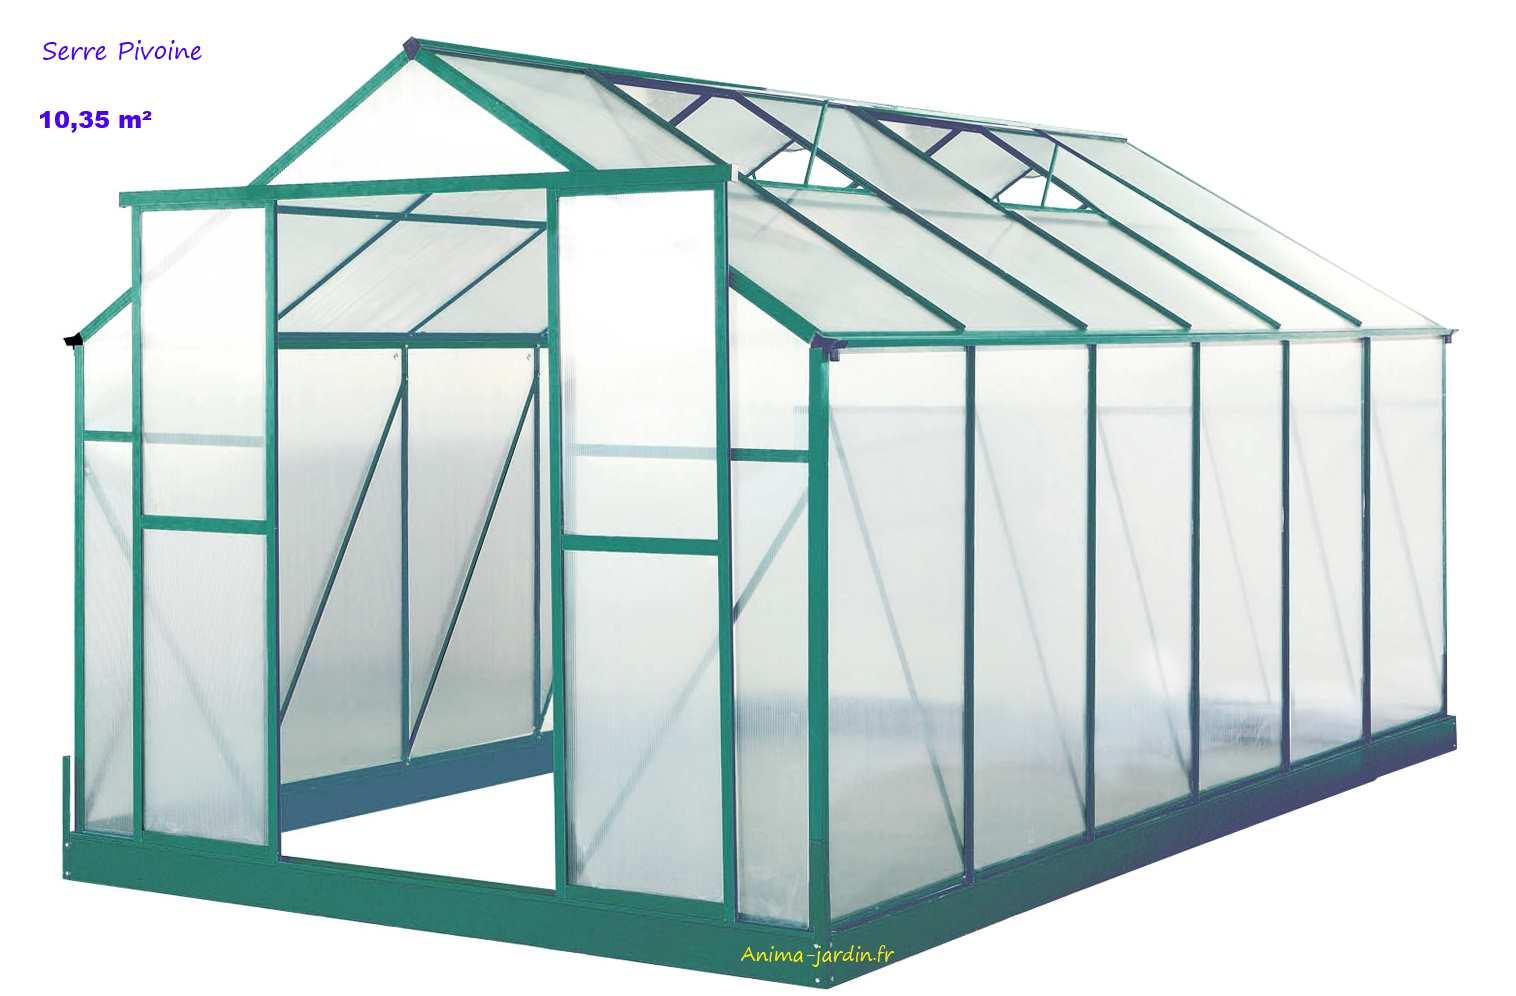 serre de jardin en polycarbonate pivoine 10 35 m achat vente. Black Bedroom Furniture Sets. Home Design Ideas